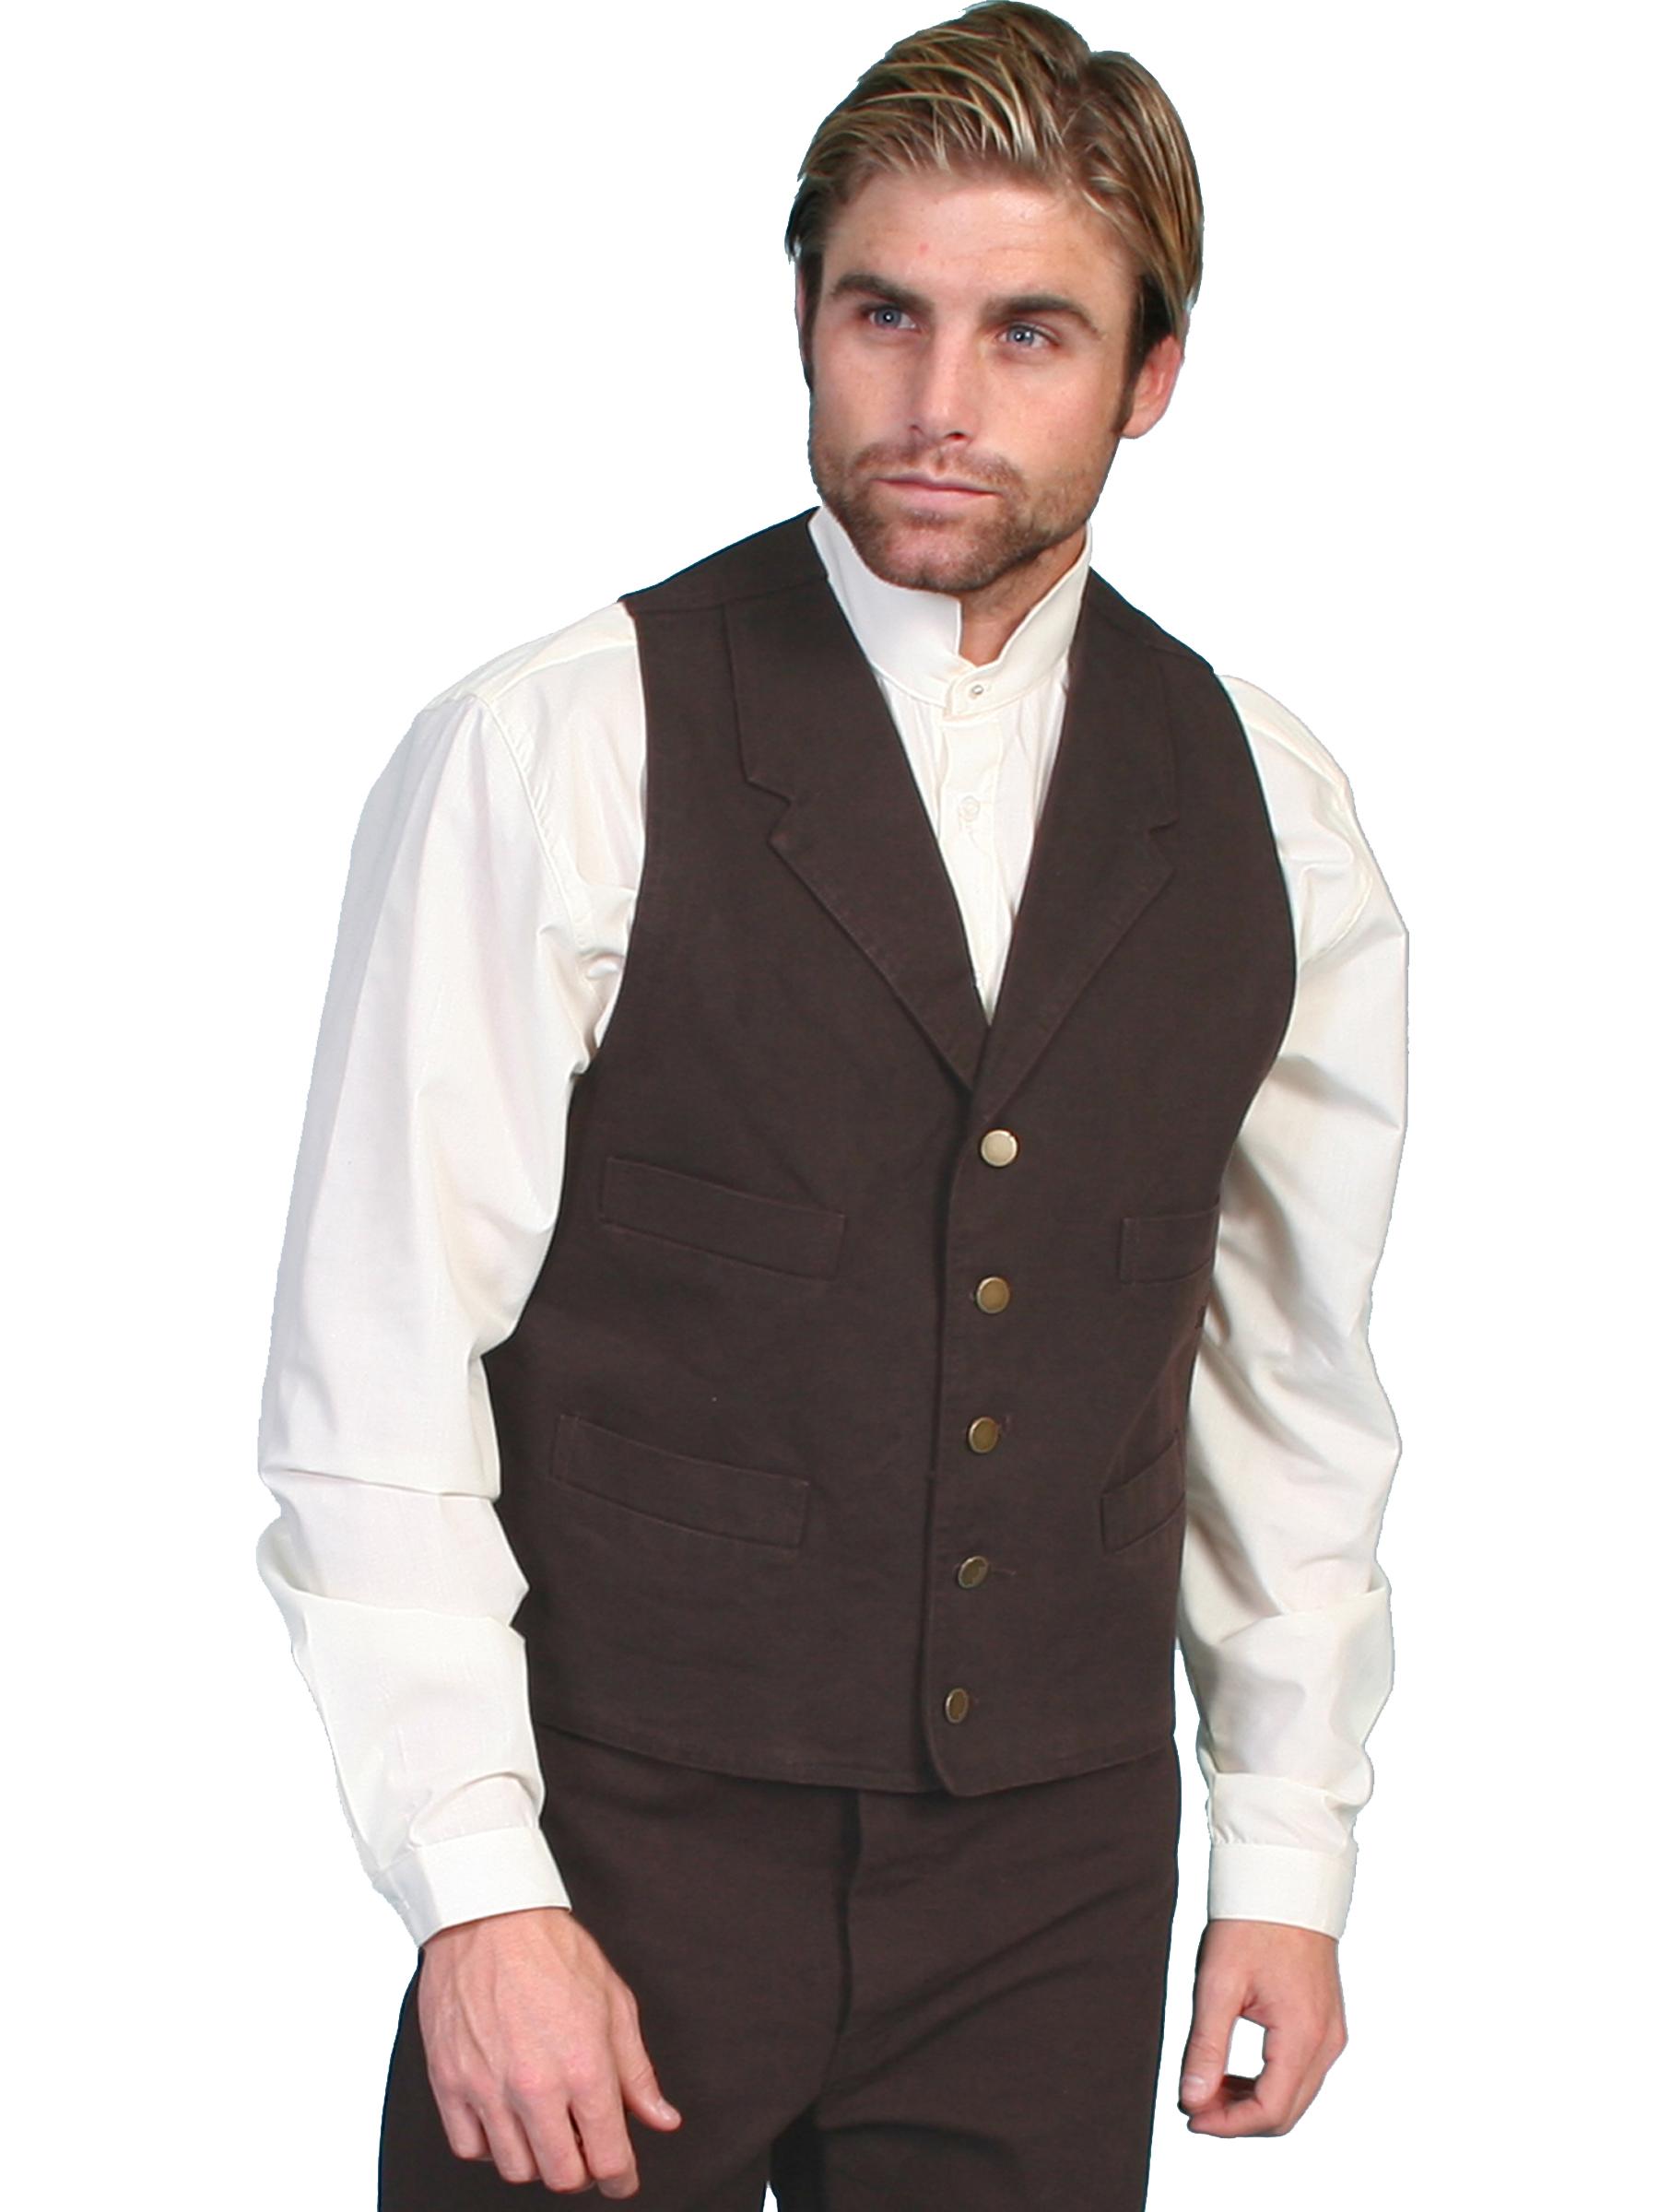 Durable 100% cotton canvas vest